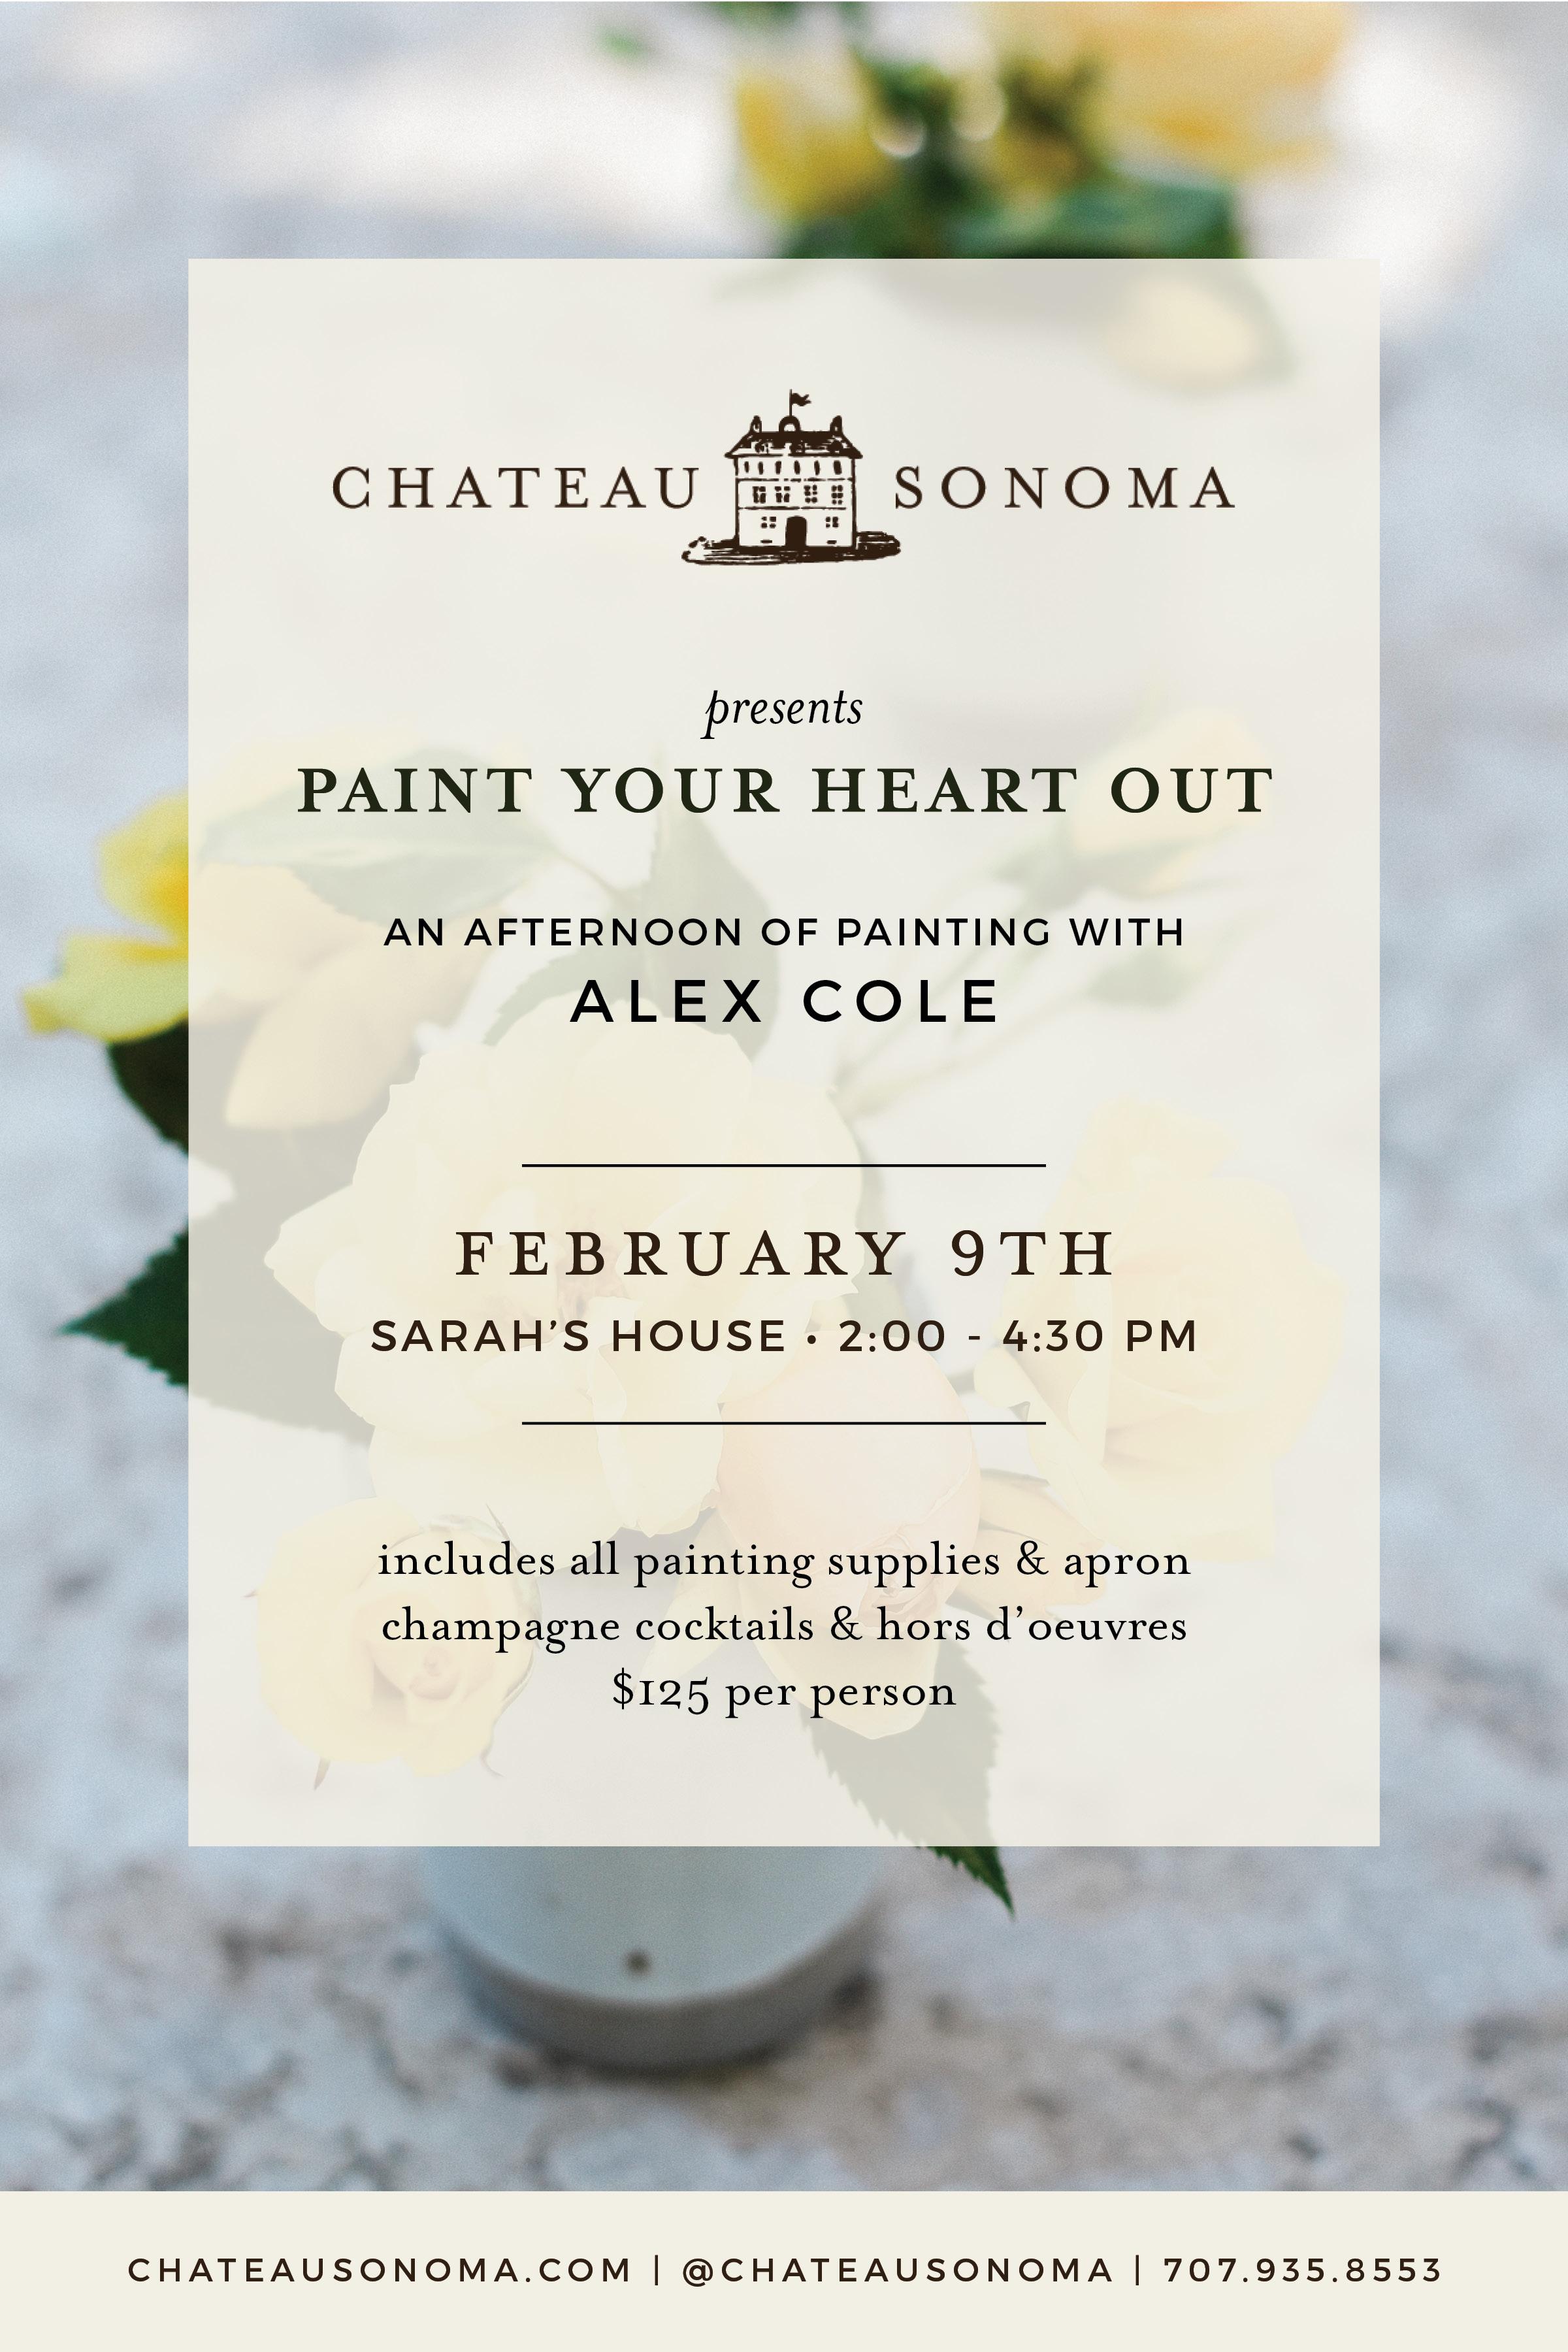 Valentine's Day Ideas in Sonoma County | chateausonoma.com